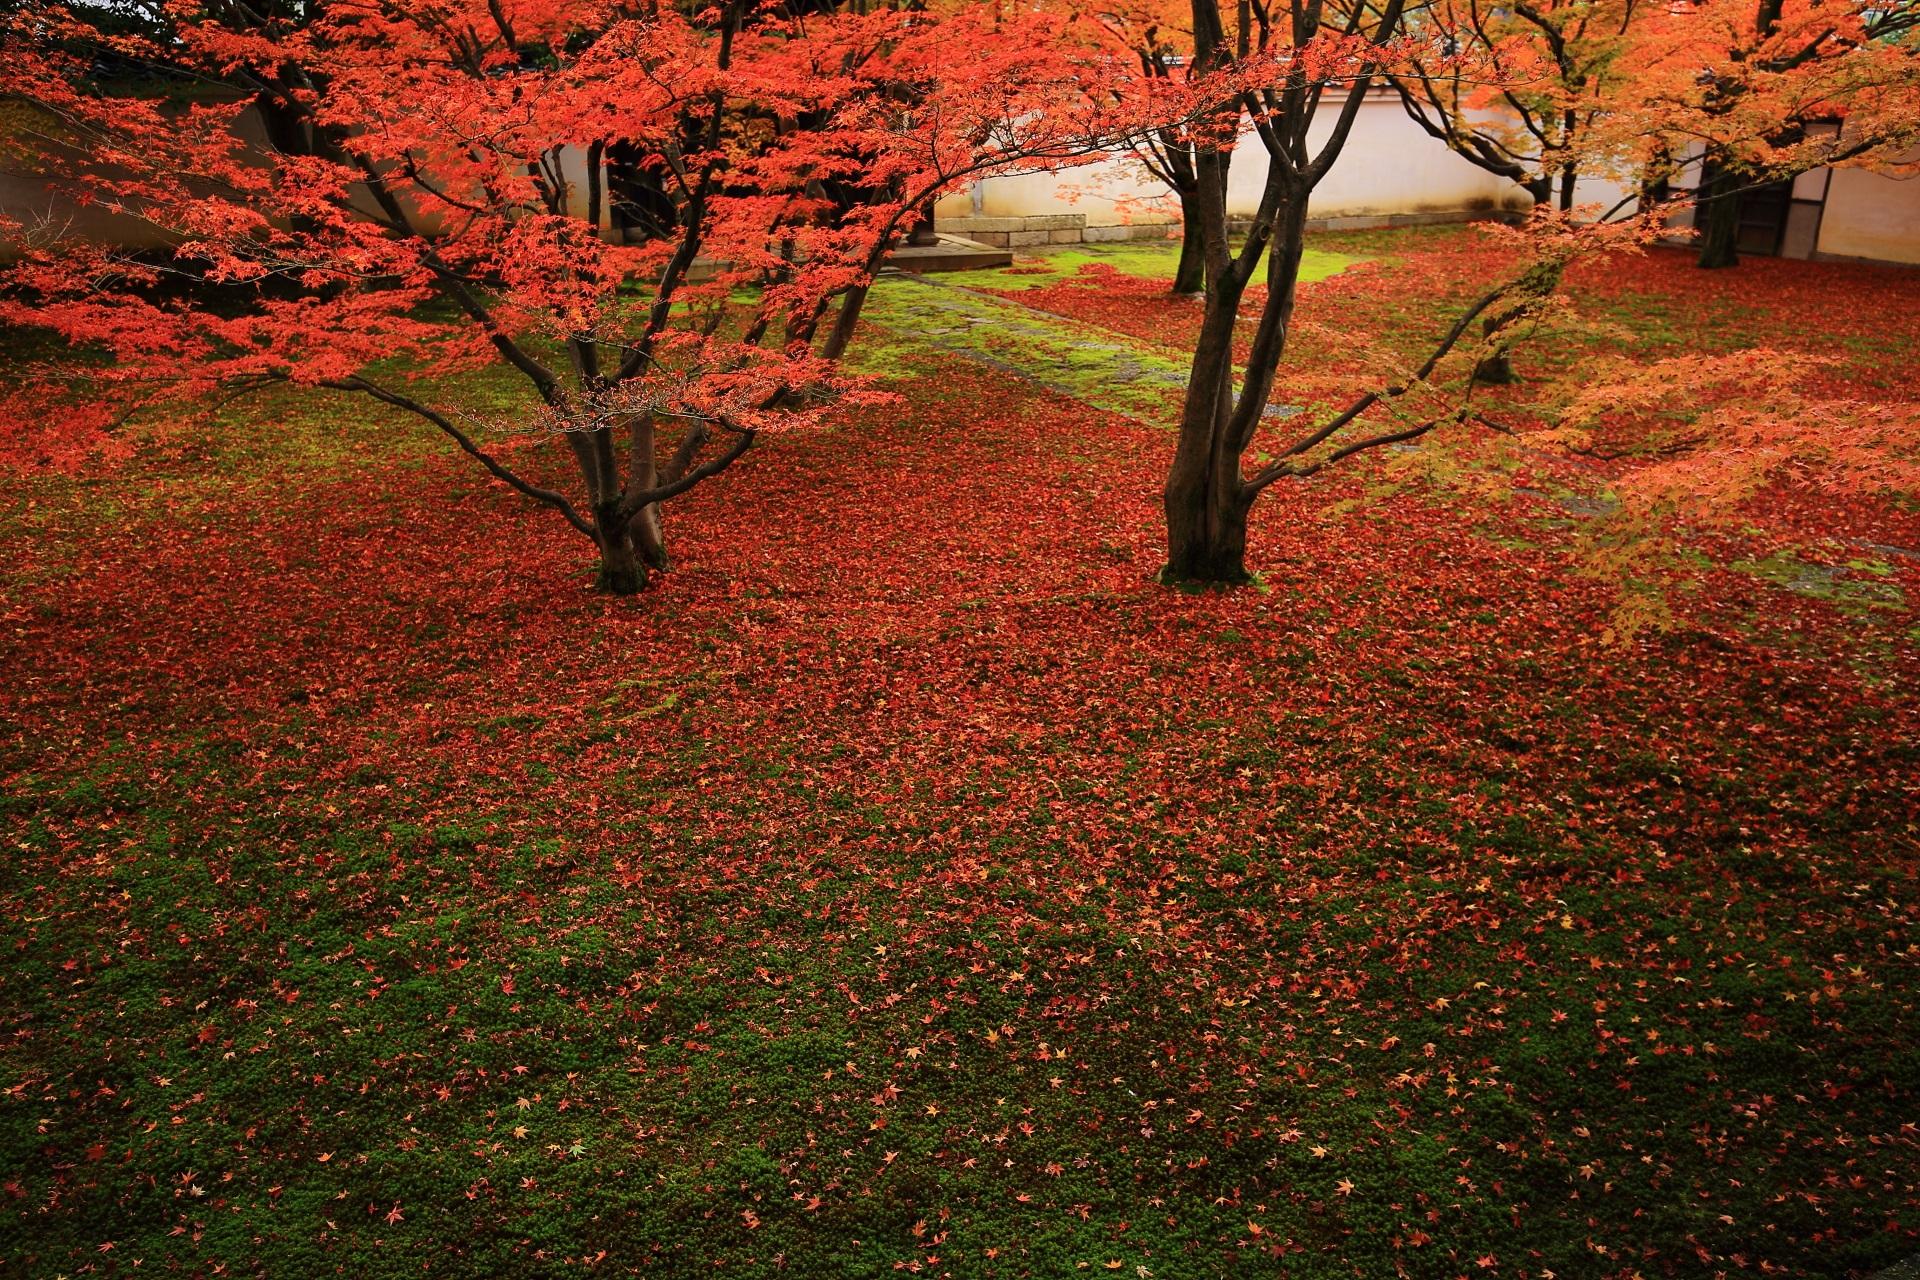 妙覚寺の緑の苔を彩る繊細で華やかな散り紅葉